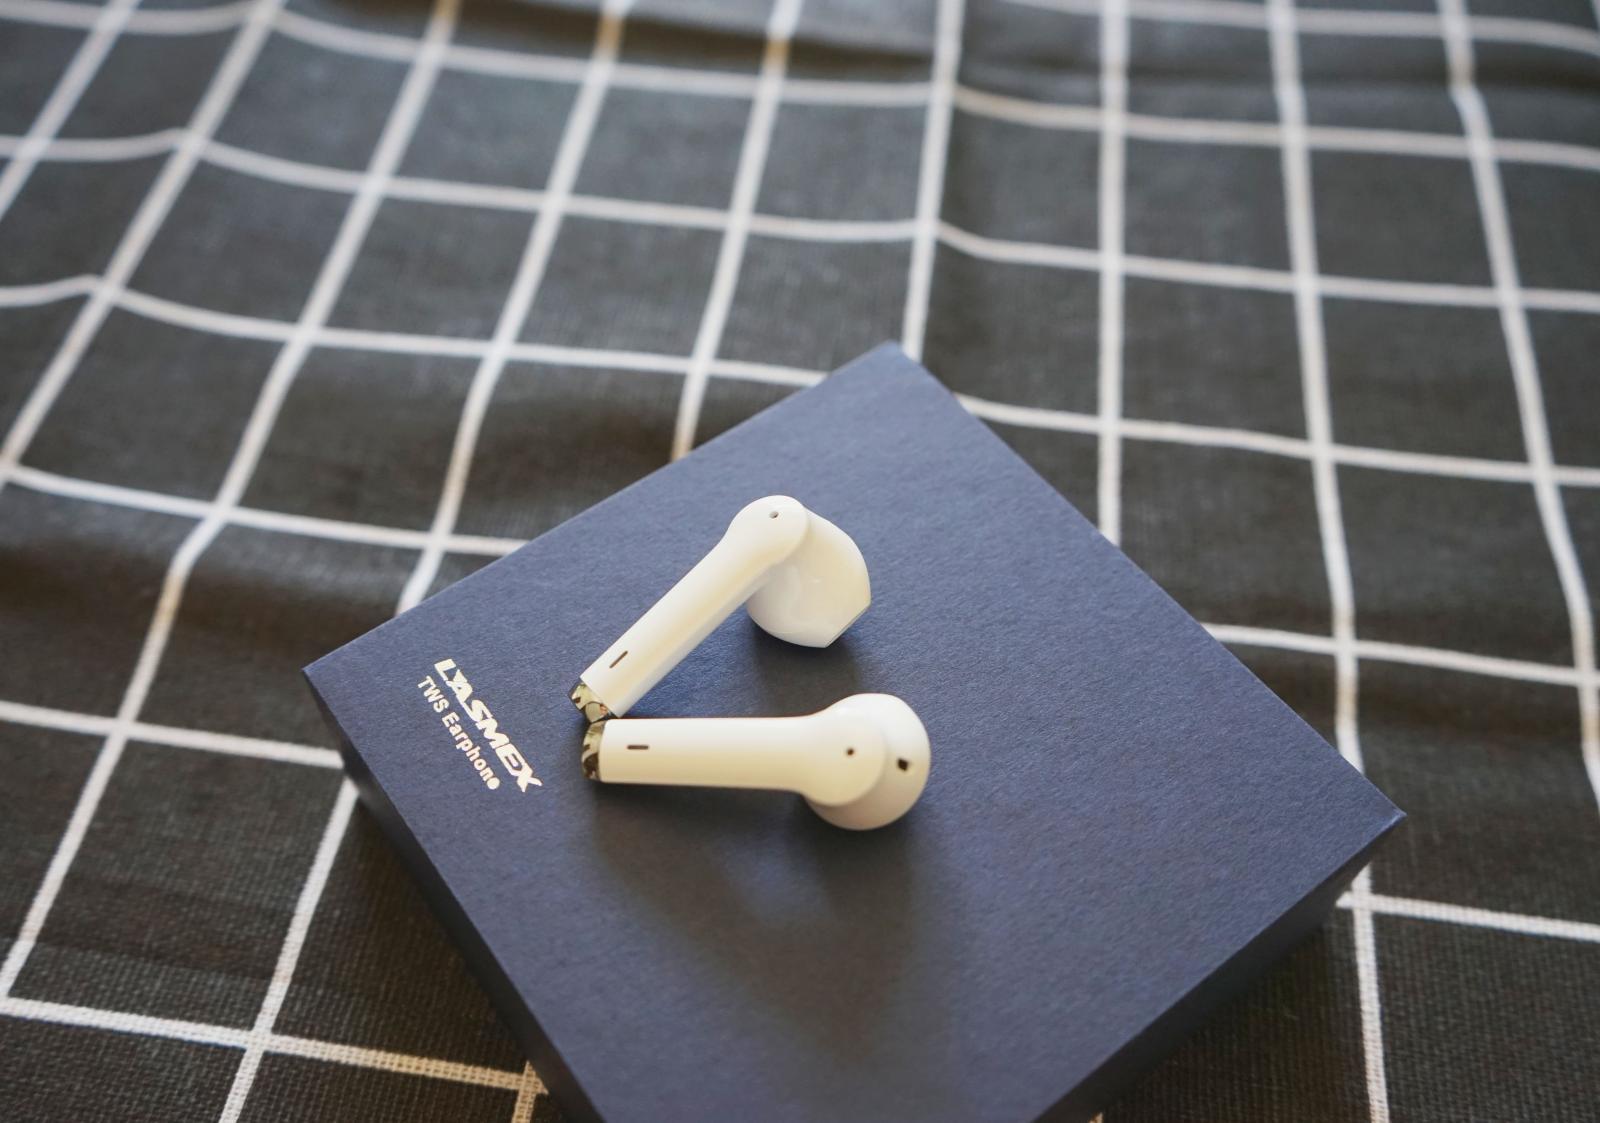 甩不掉的好音乐!勒姆森E5 Play真无线蓝牙耳机,与声俱来